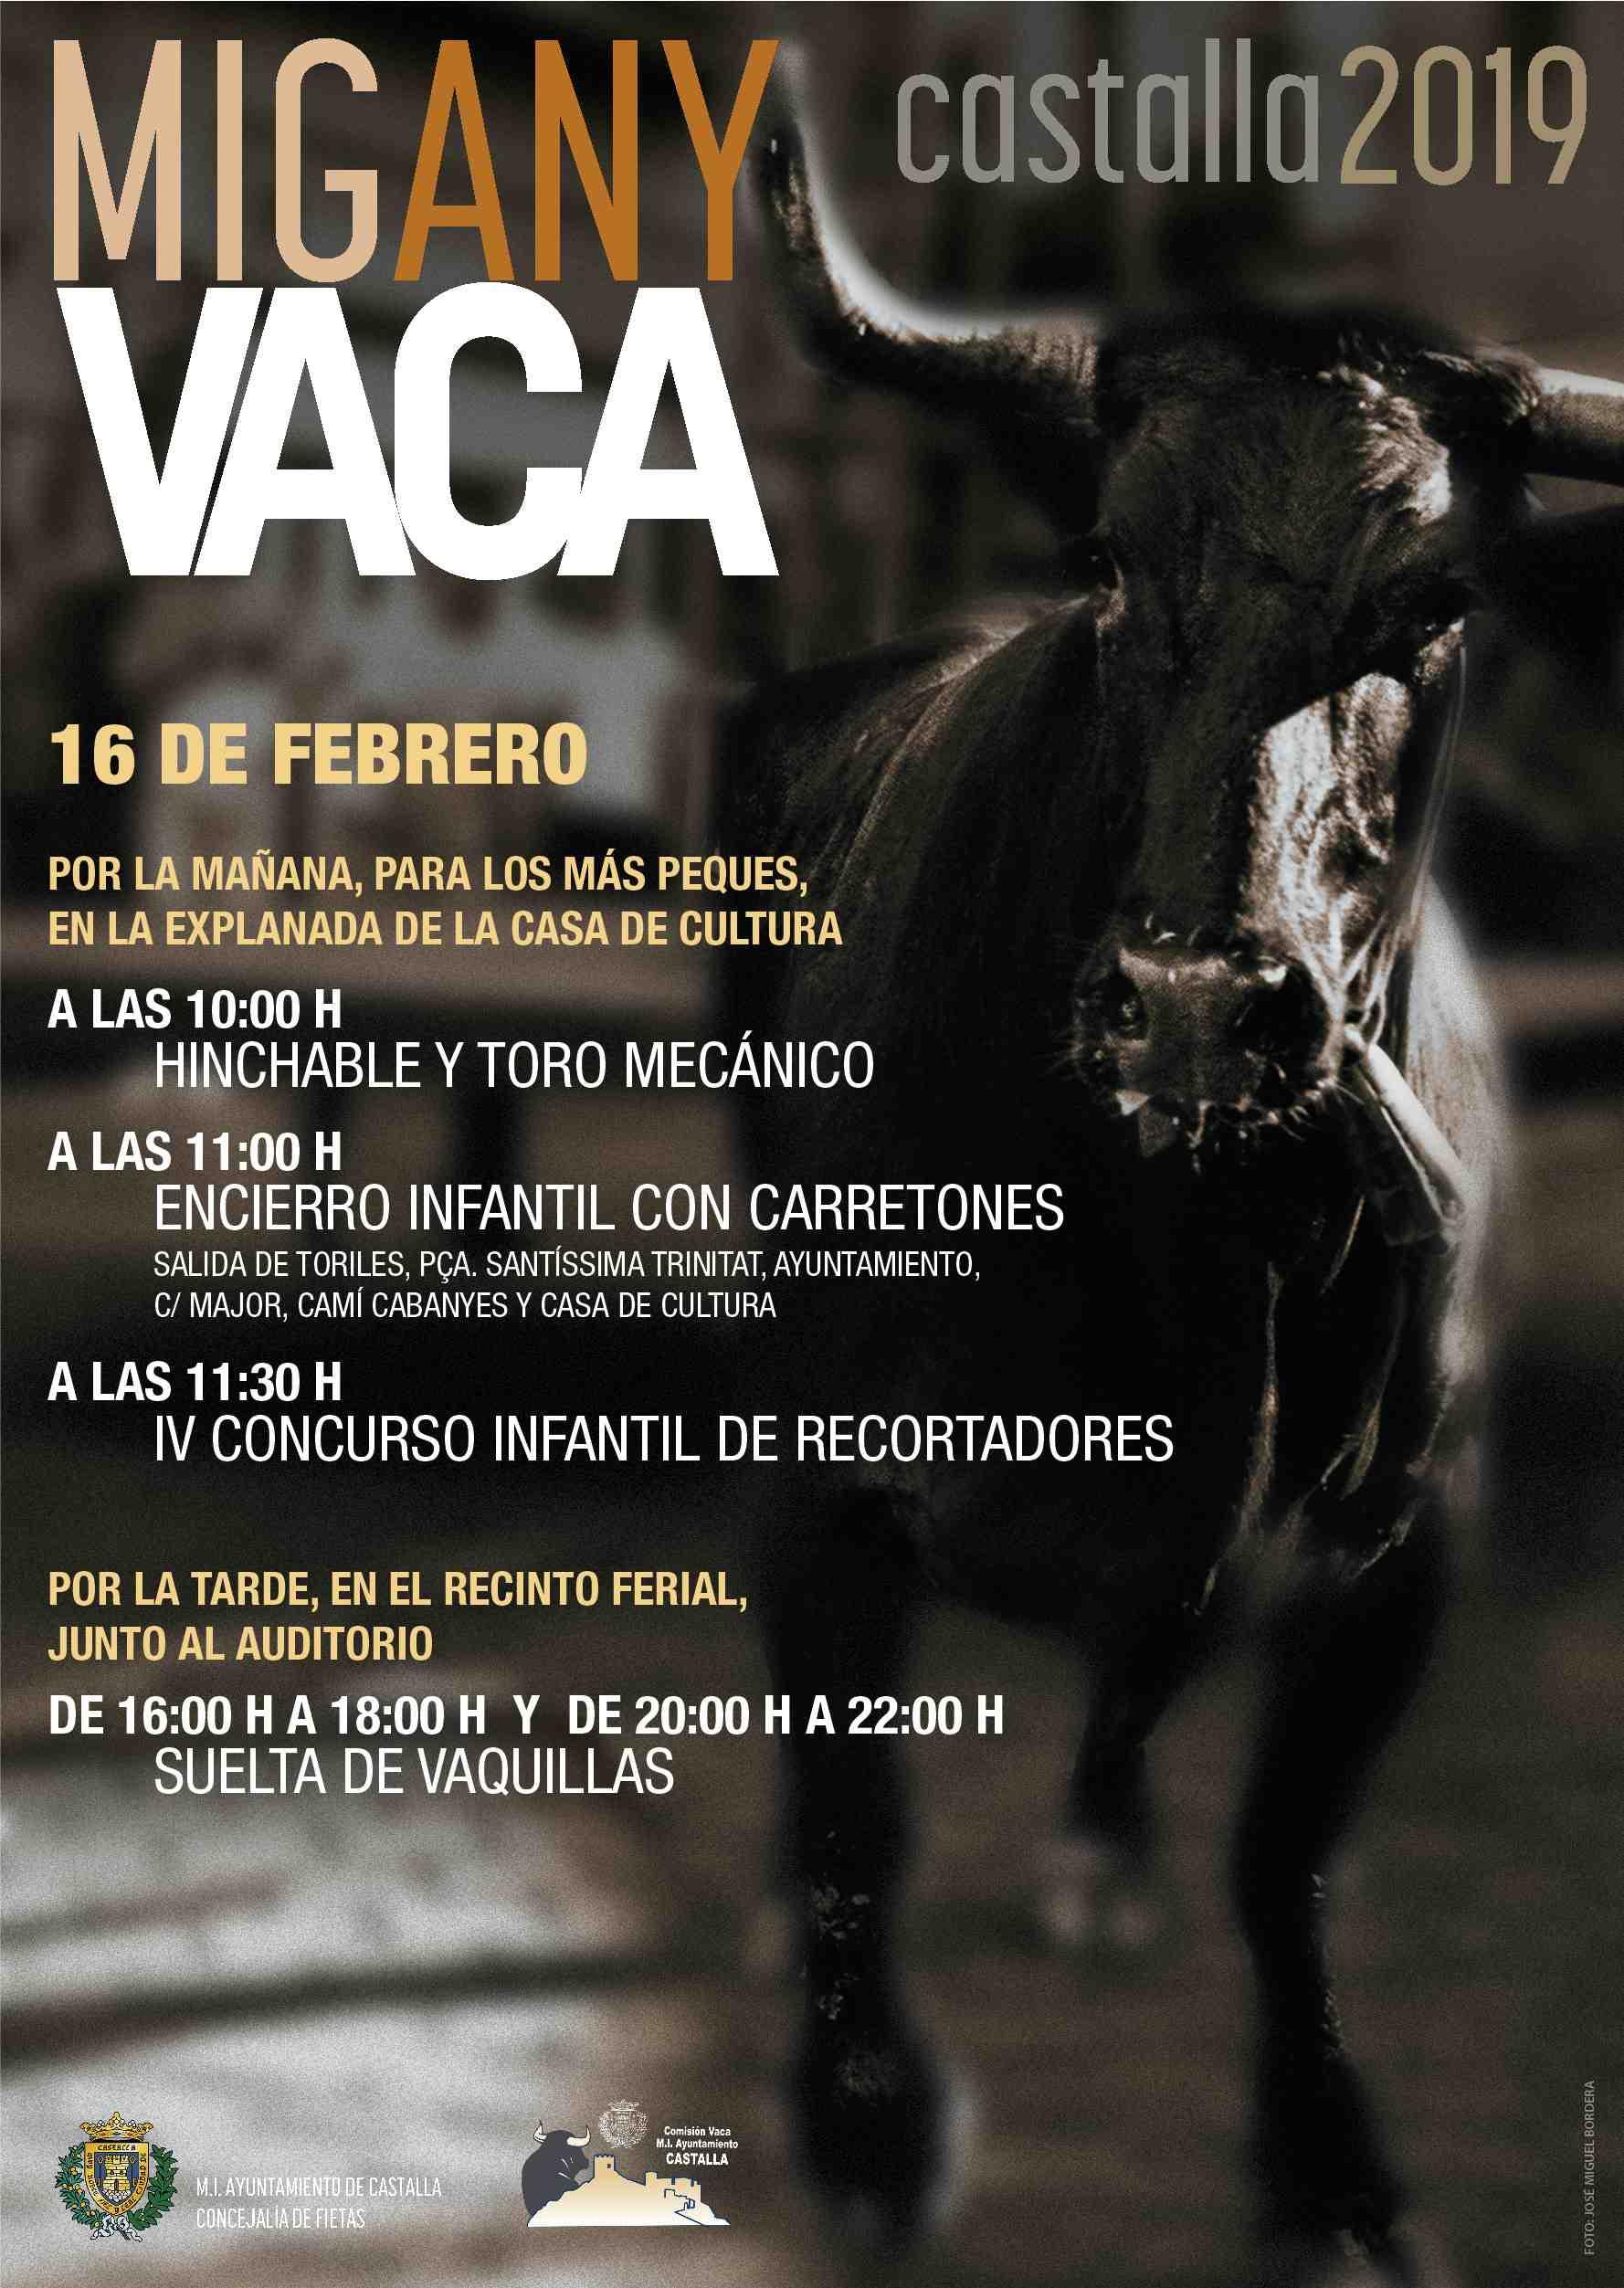 El dissabte 16 de febrer en Castalla, Mig Any de Vaca